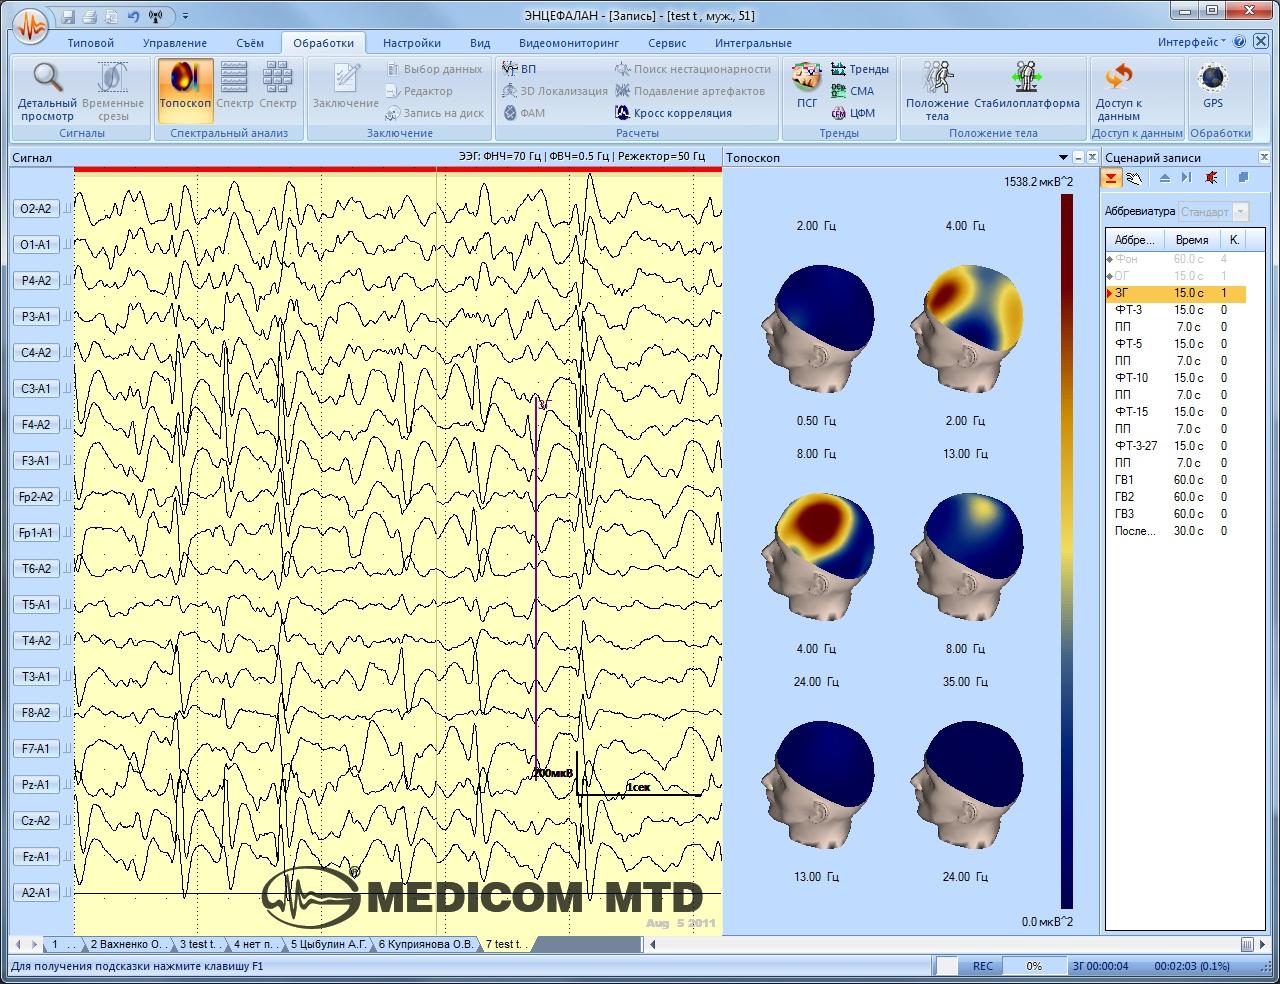 Трехмерное топическое отображение спектральных характеристик ЭЭГ